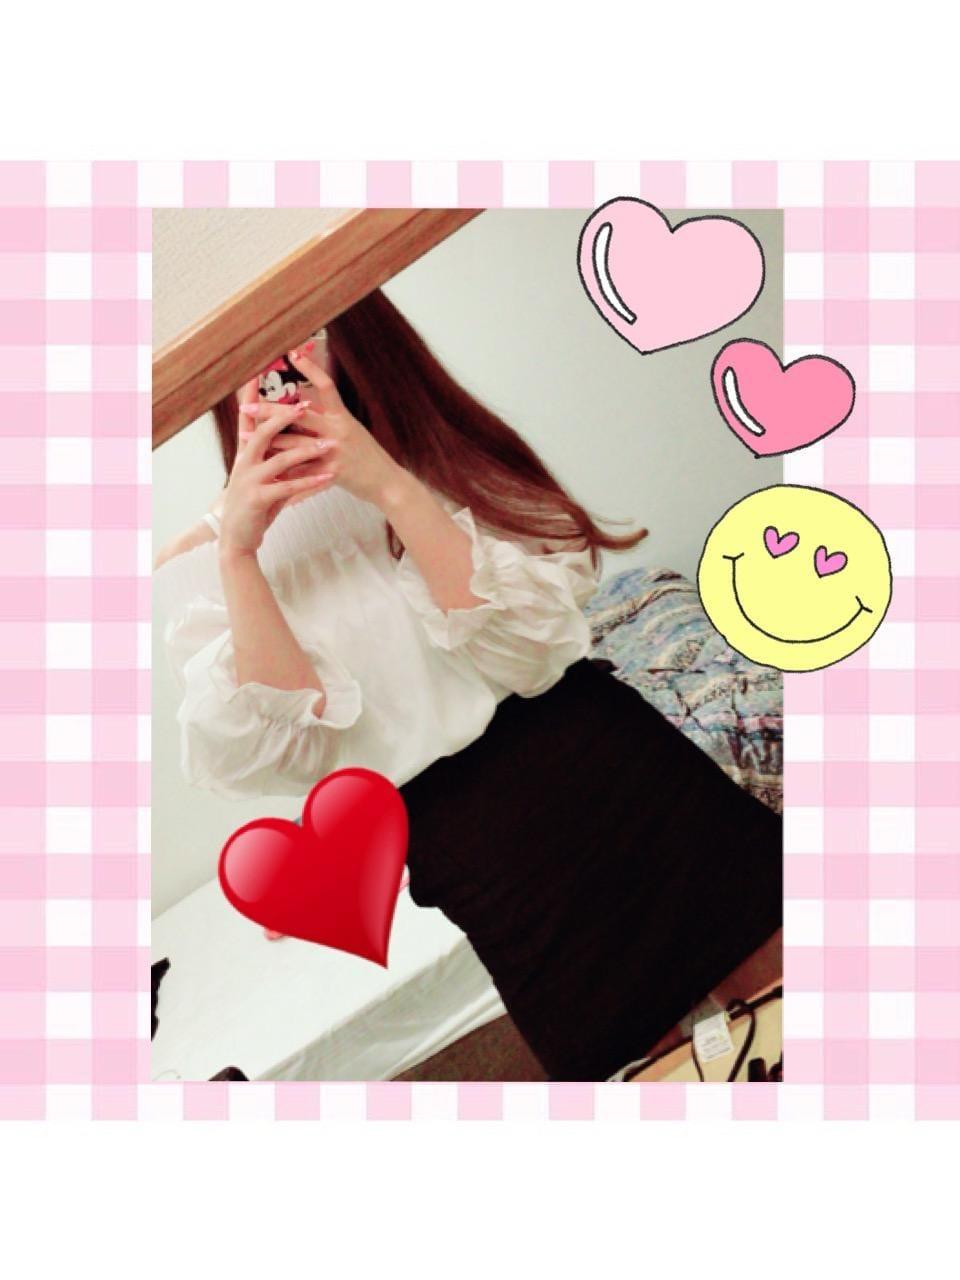 「こんにちは☆」05/19(05/19) 18:30 | 新人/はずきの写メ・風俗動画